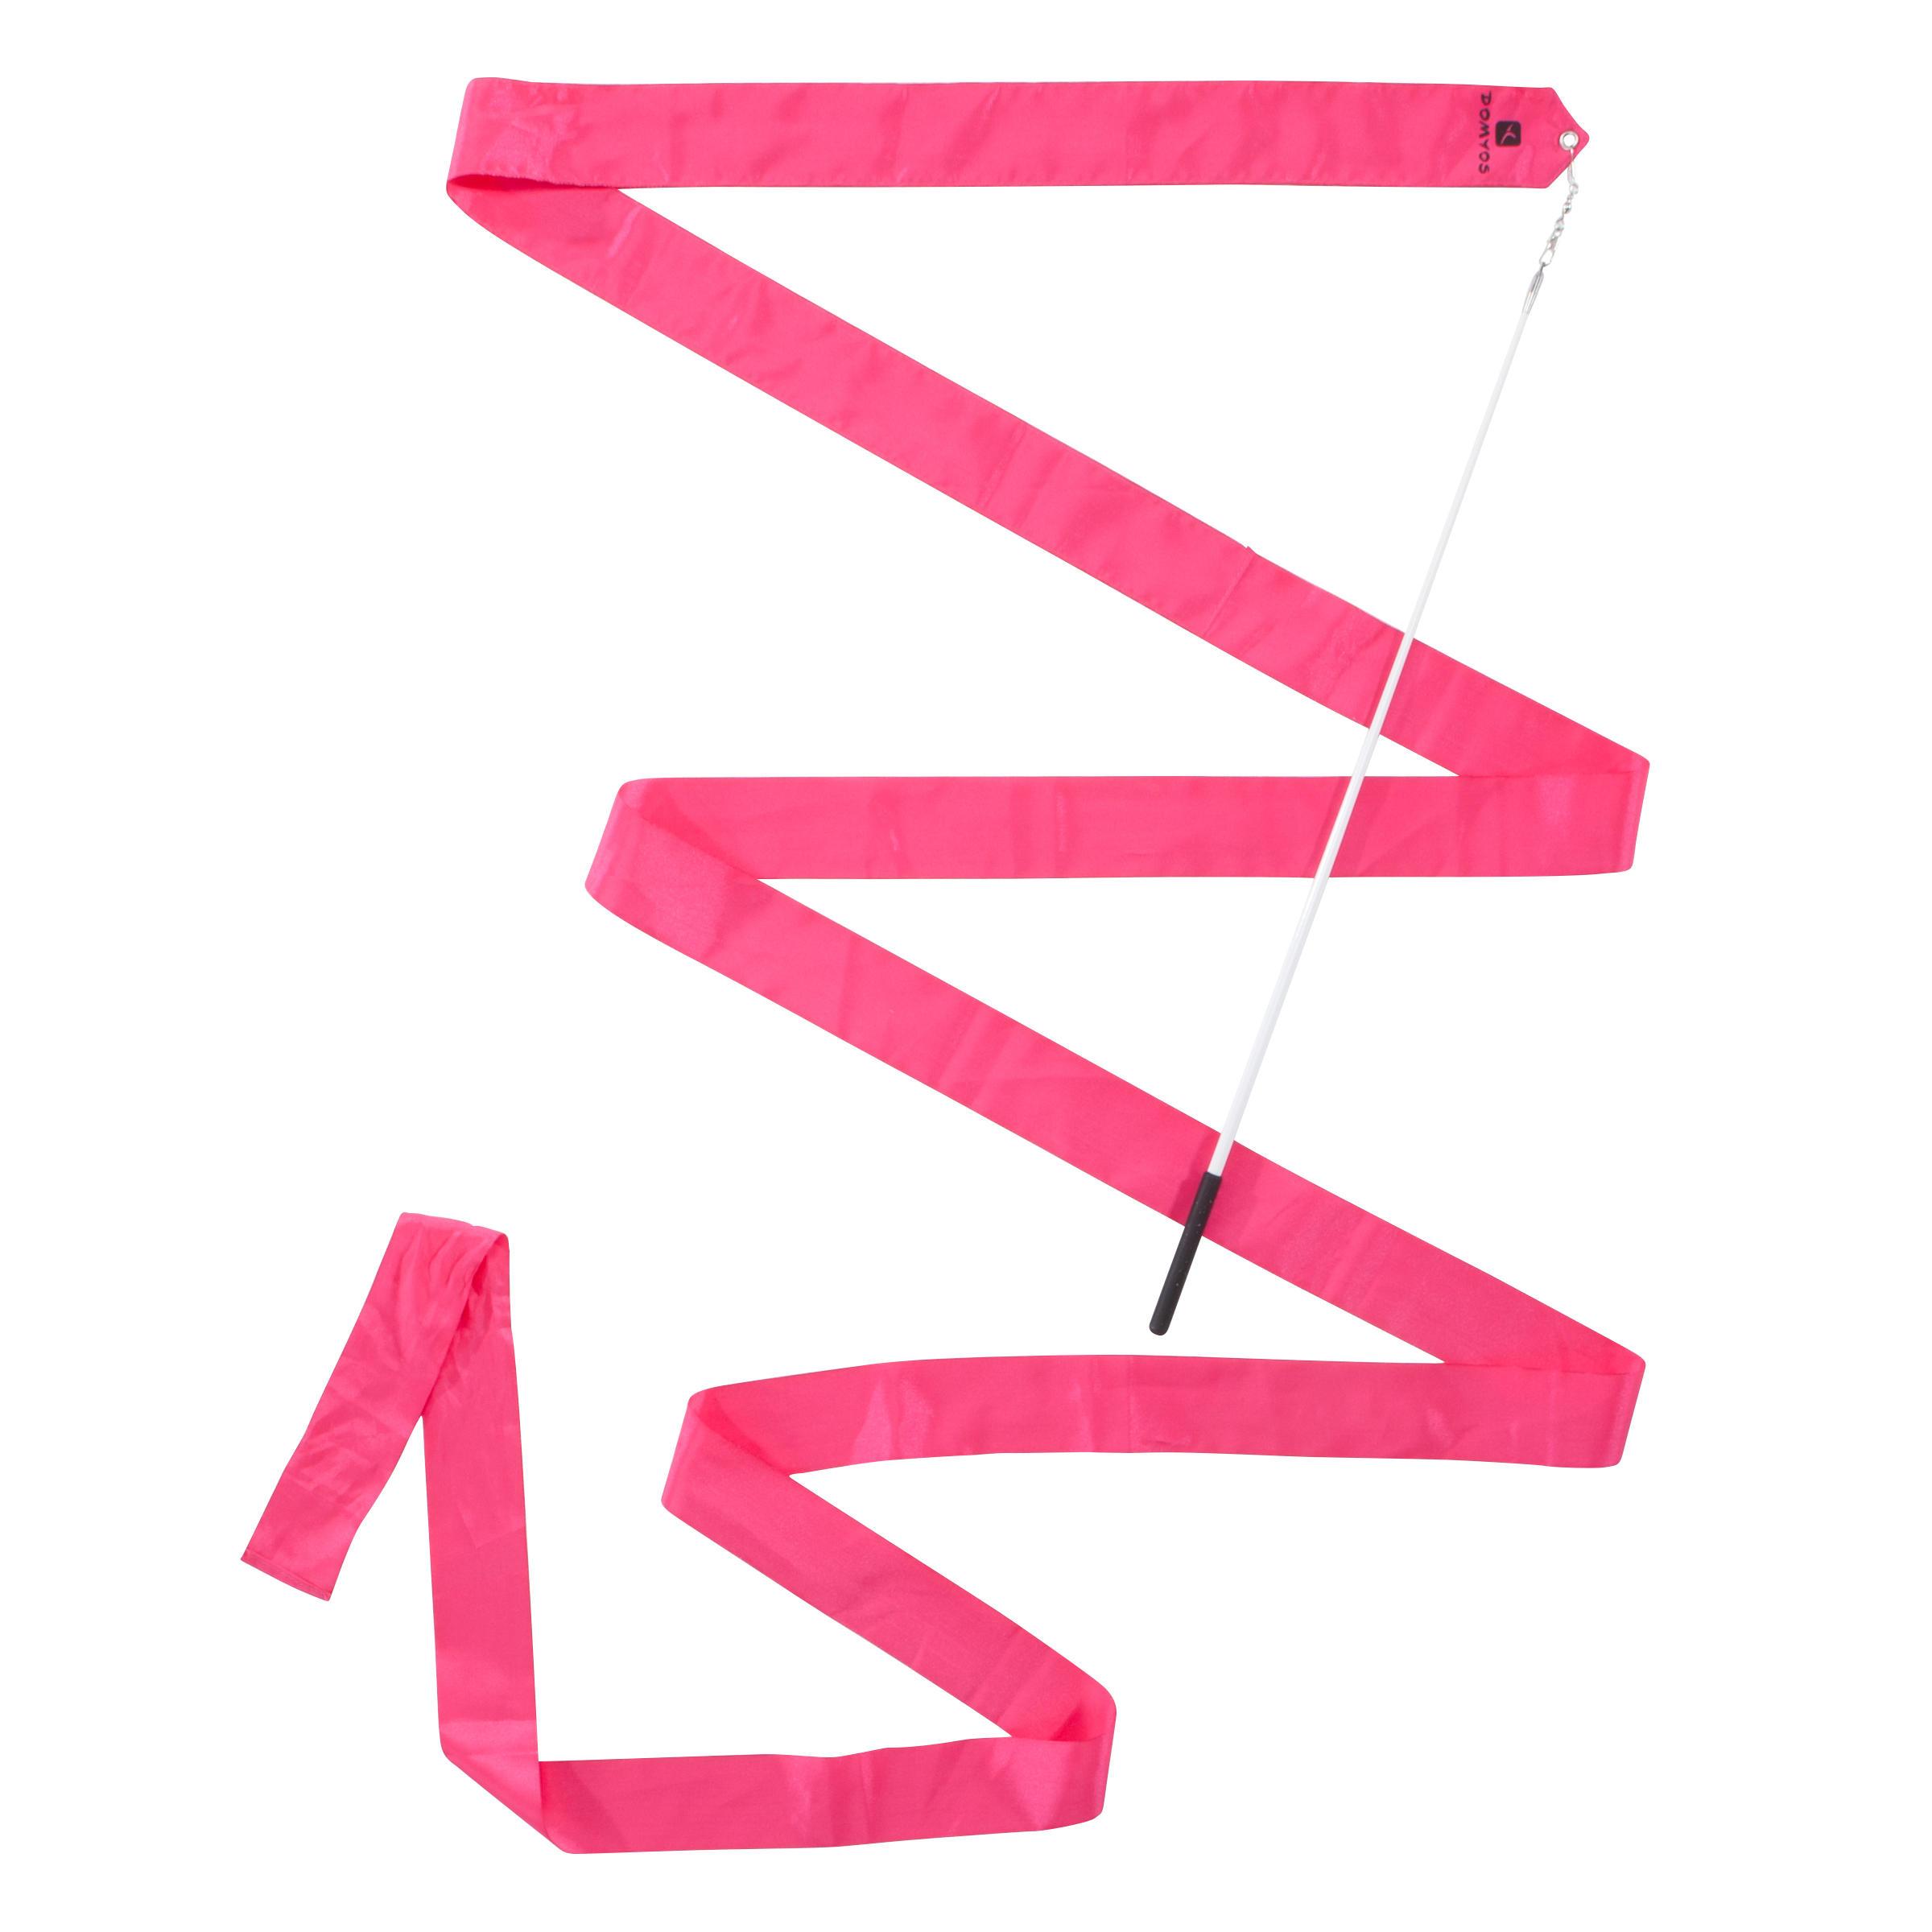 Domyos Ruban de Gymnastique Rythmique (GR) de 4 mètres Rose - Domyos